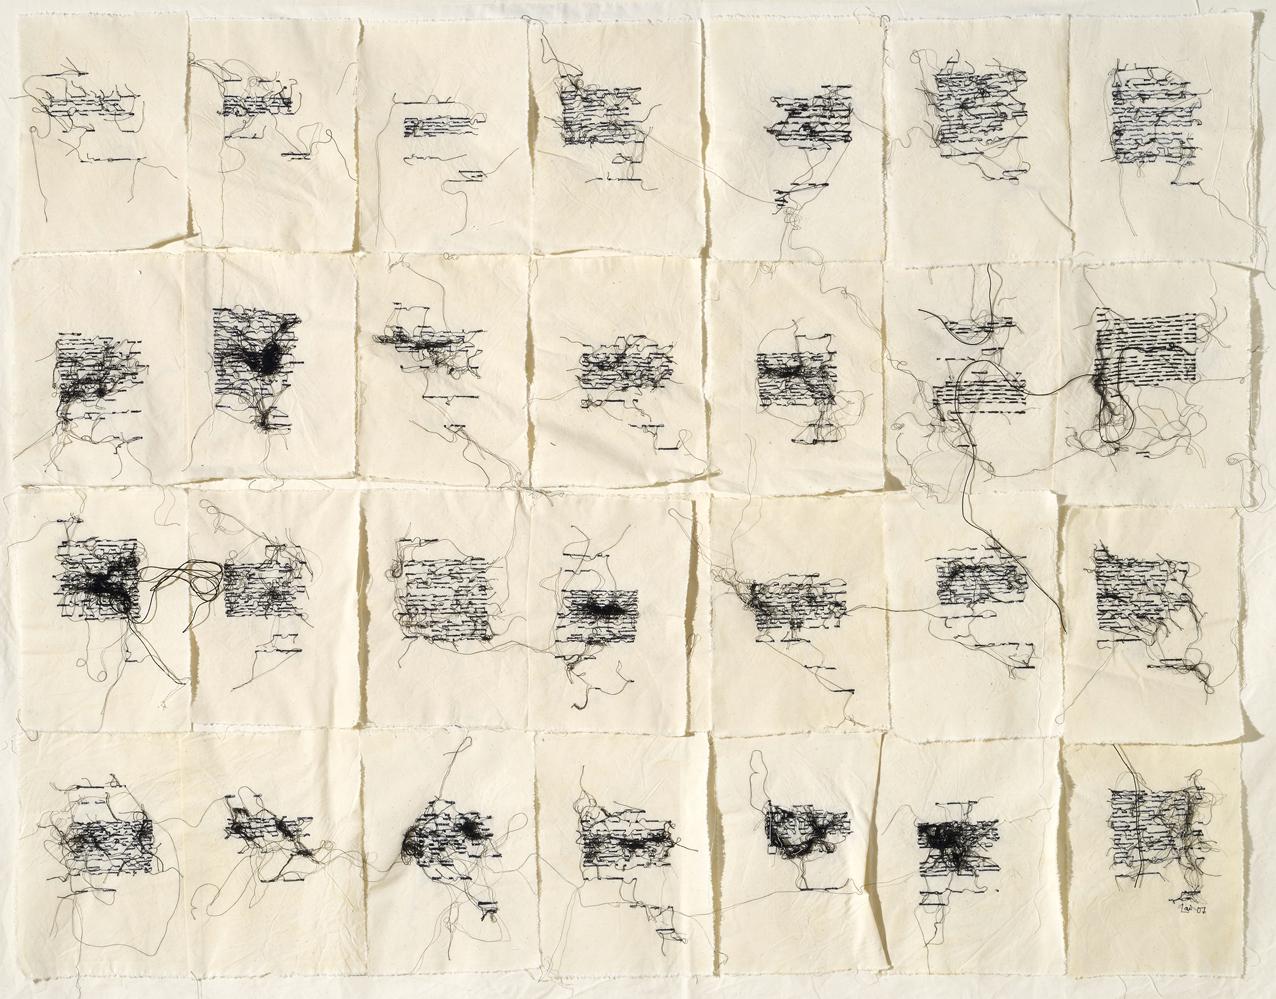 Maria Lai, Le scritture della notte, 2007, filo su tela, cm 103 x 131